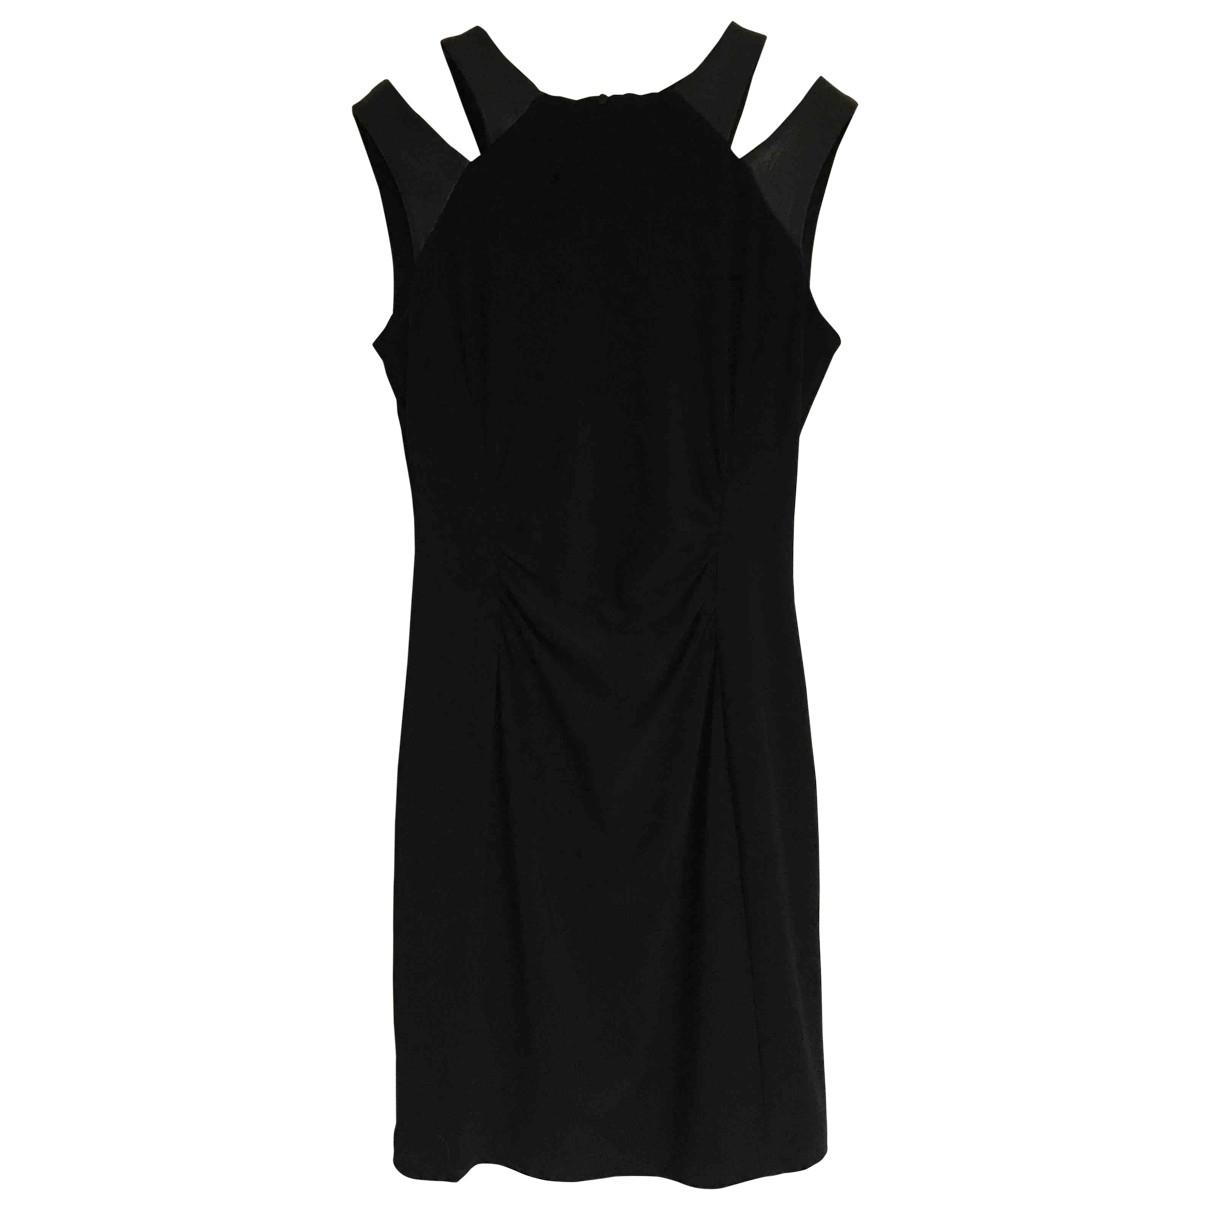 Joseph Ribkoff \N Black dress for Women 40 FR